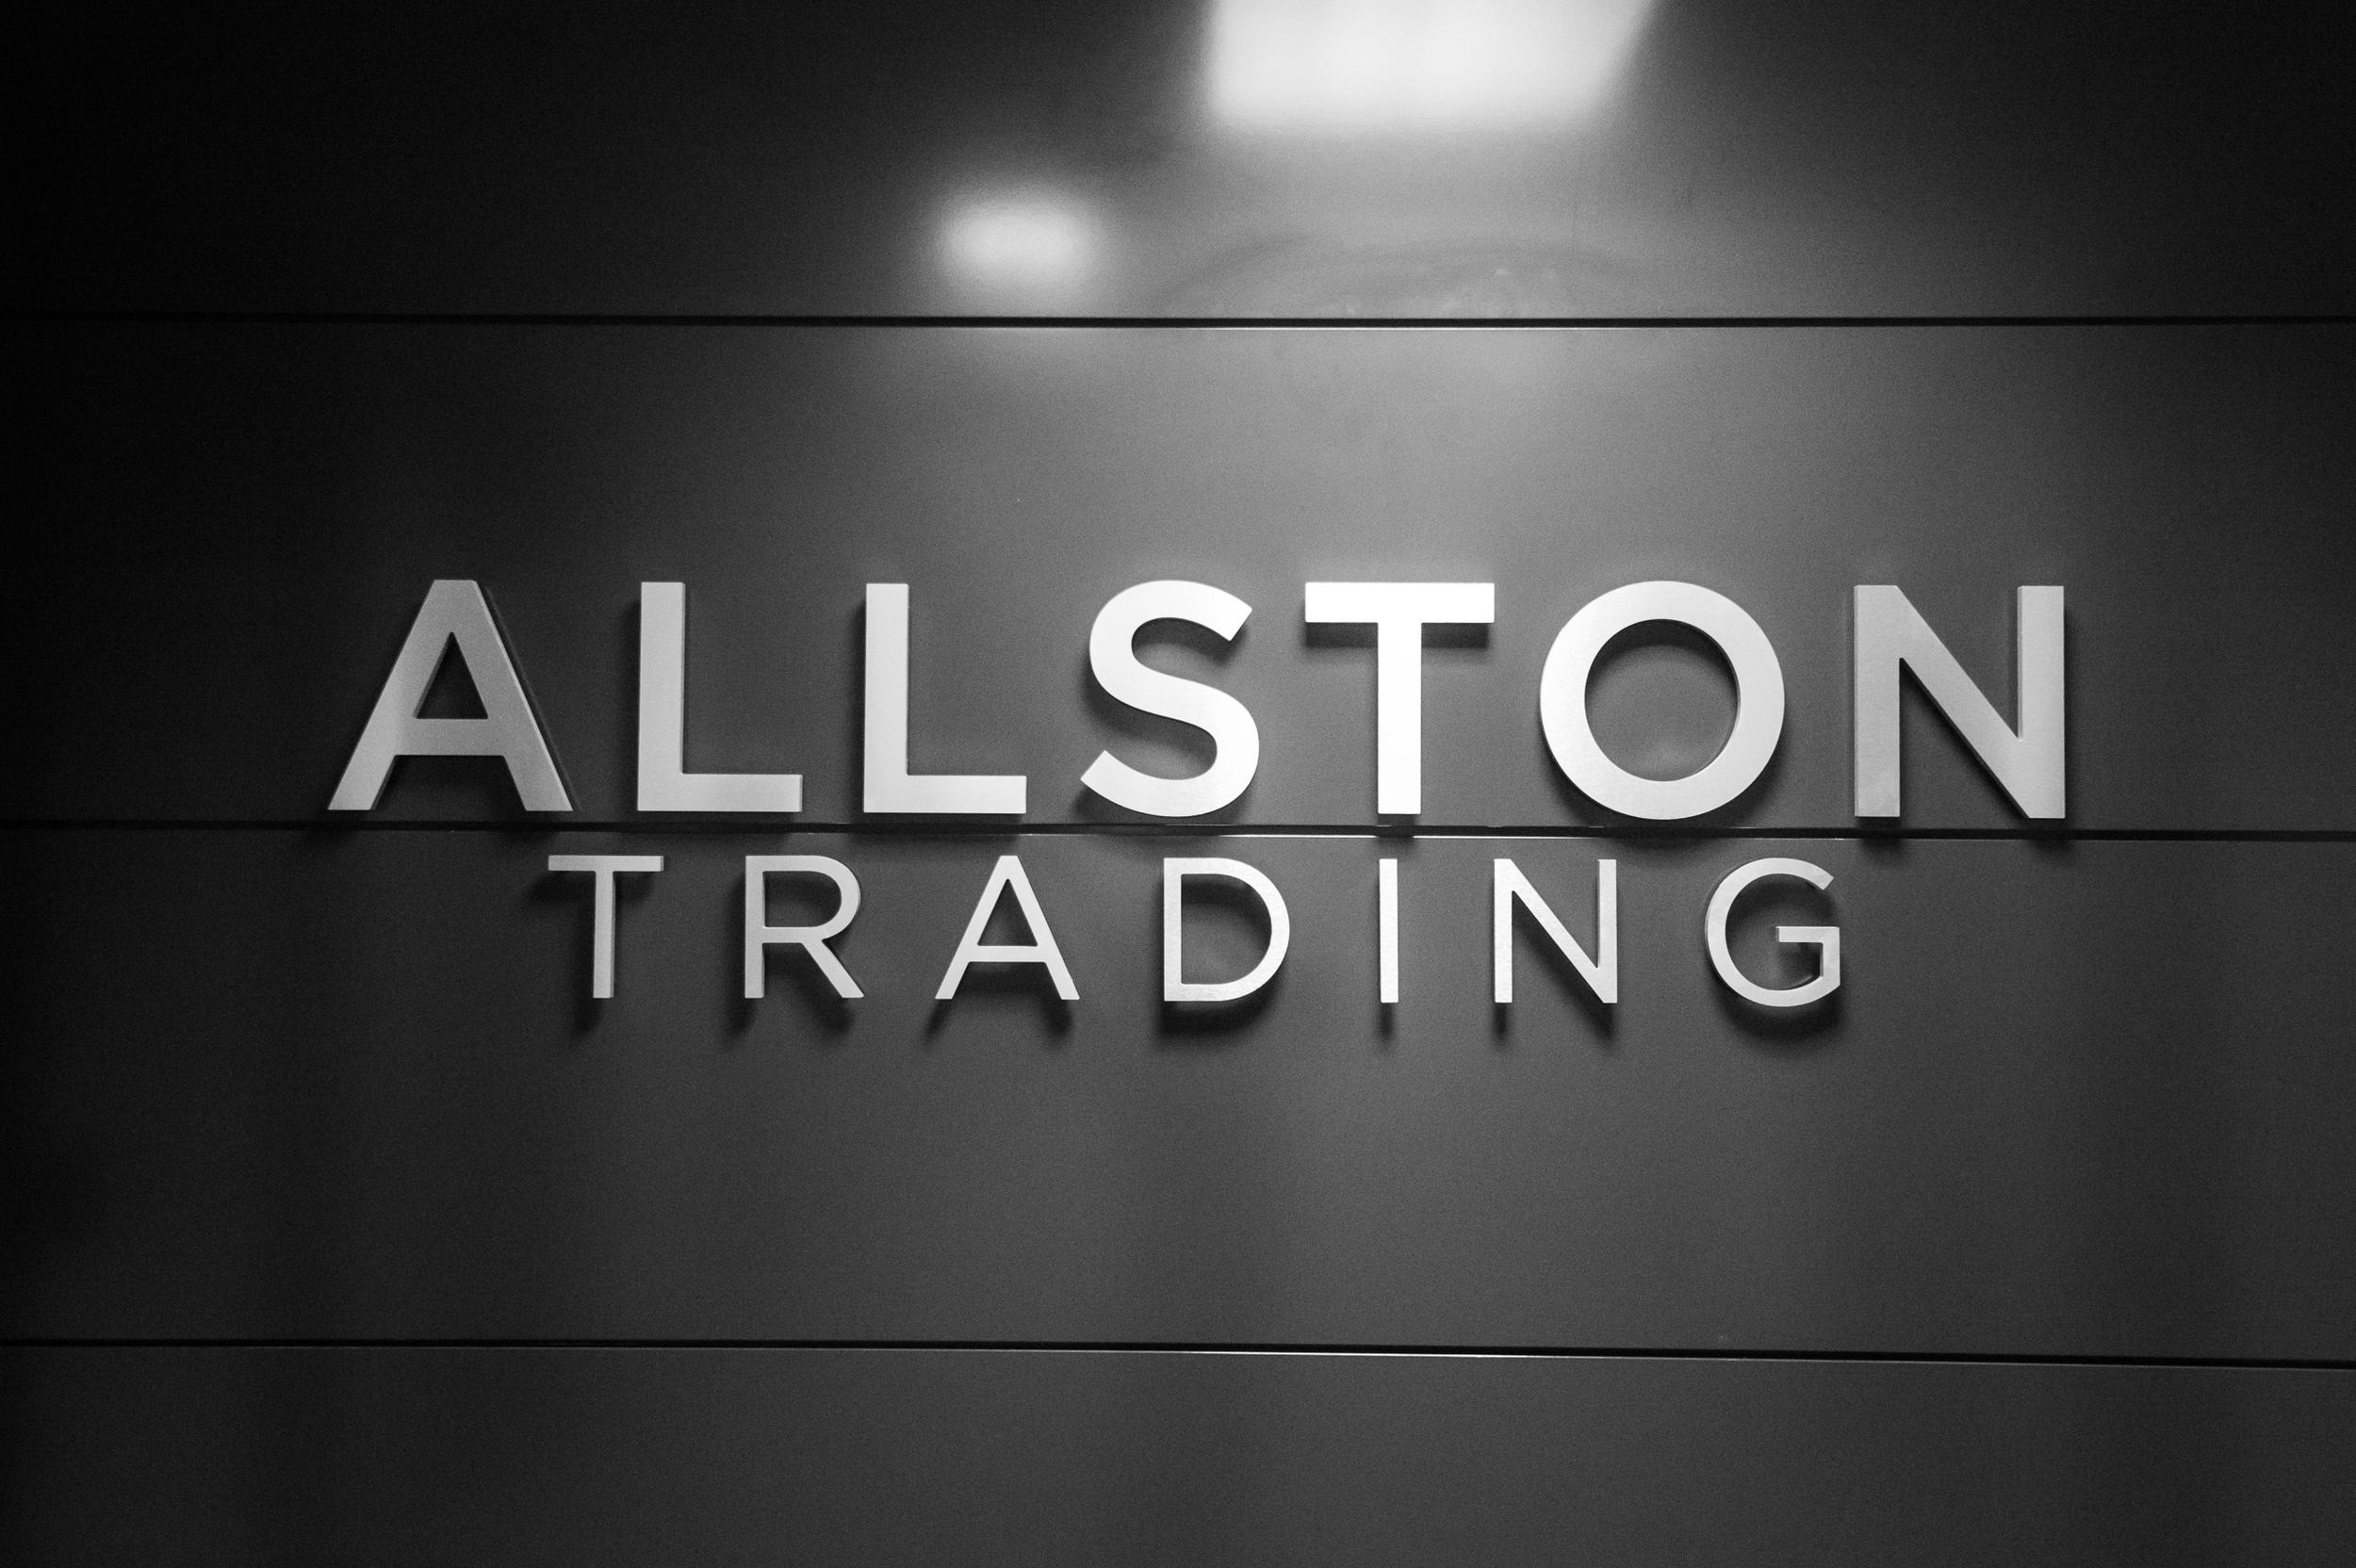 Allston Trading